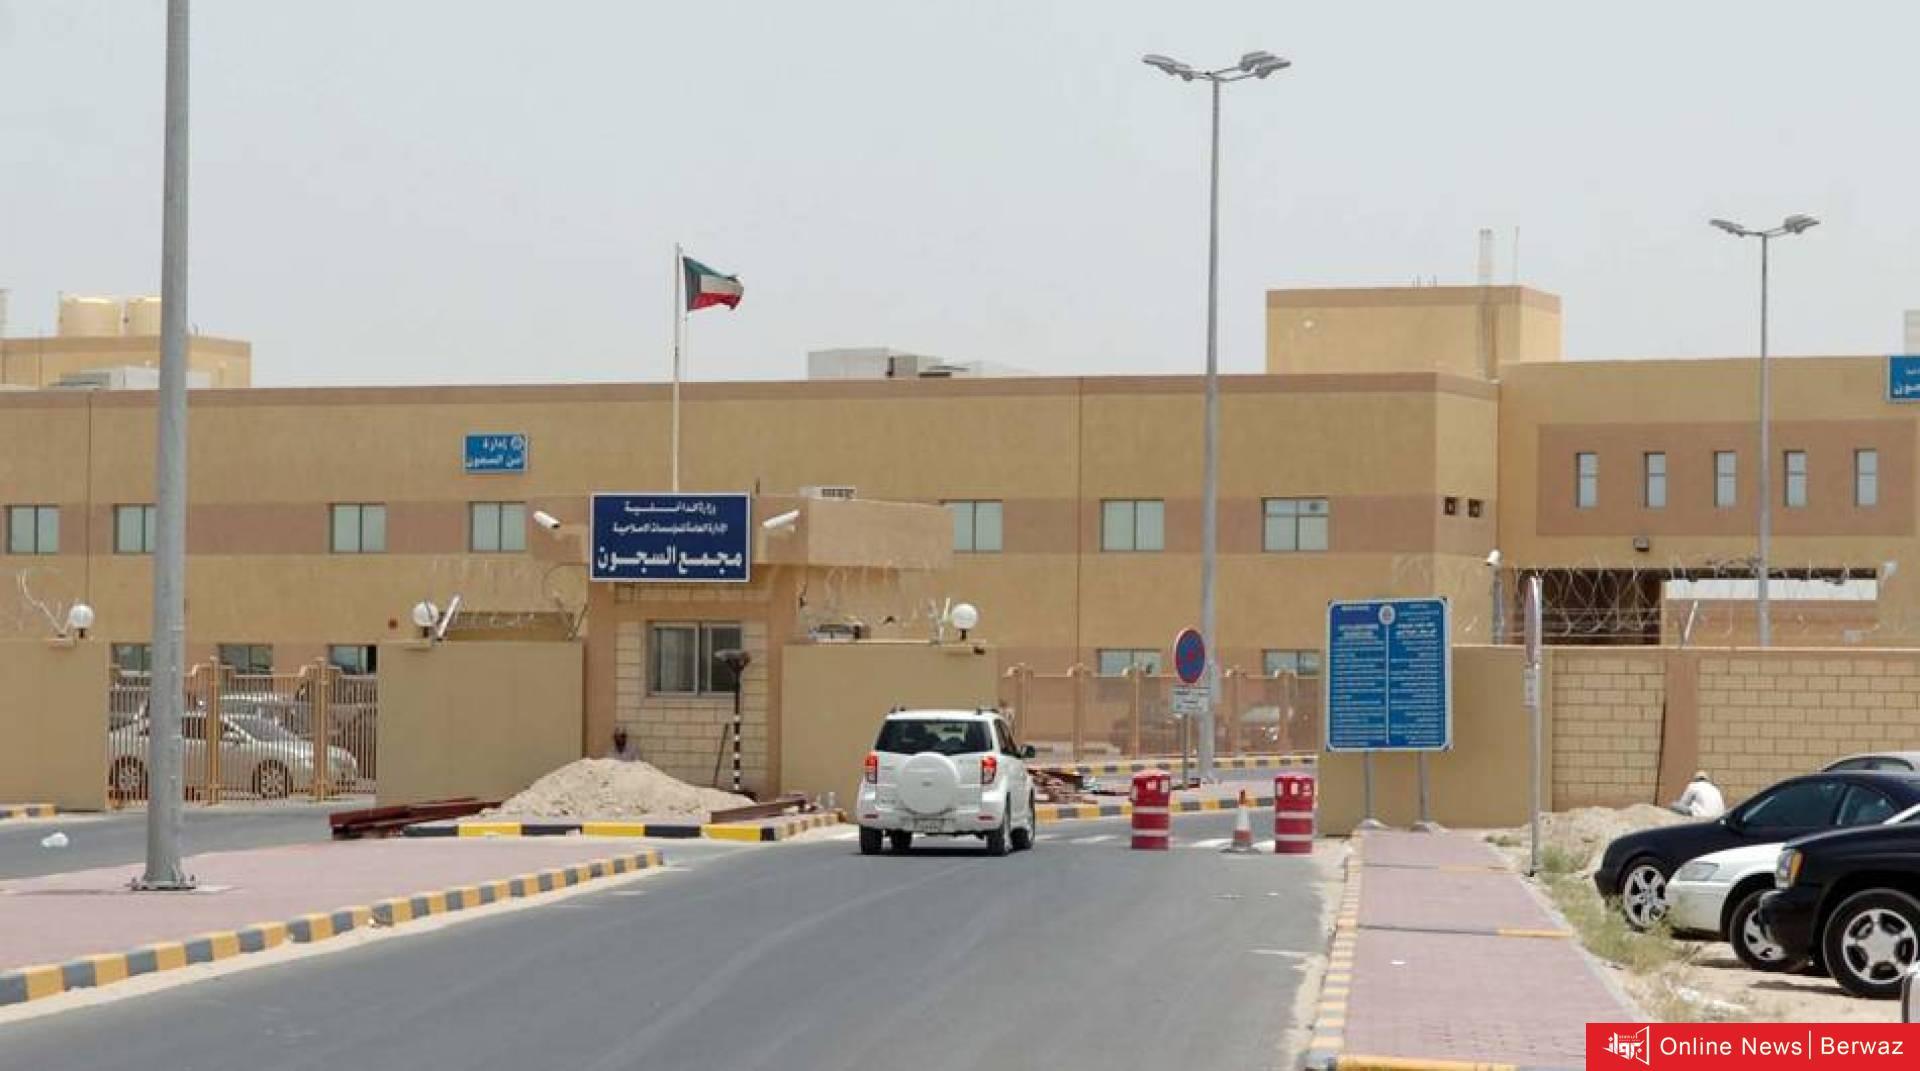 السجن المركزي